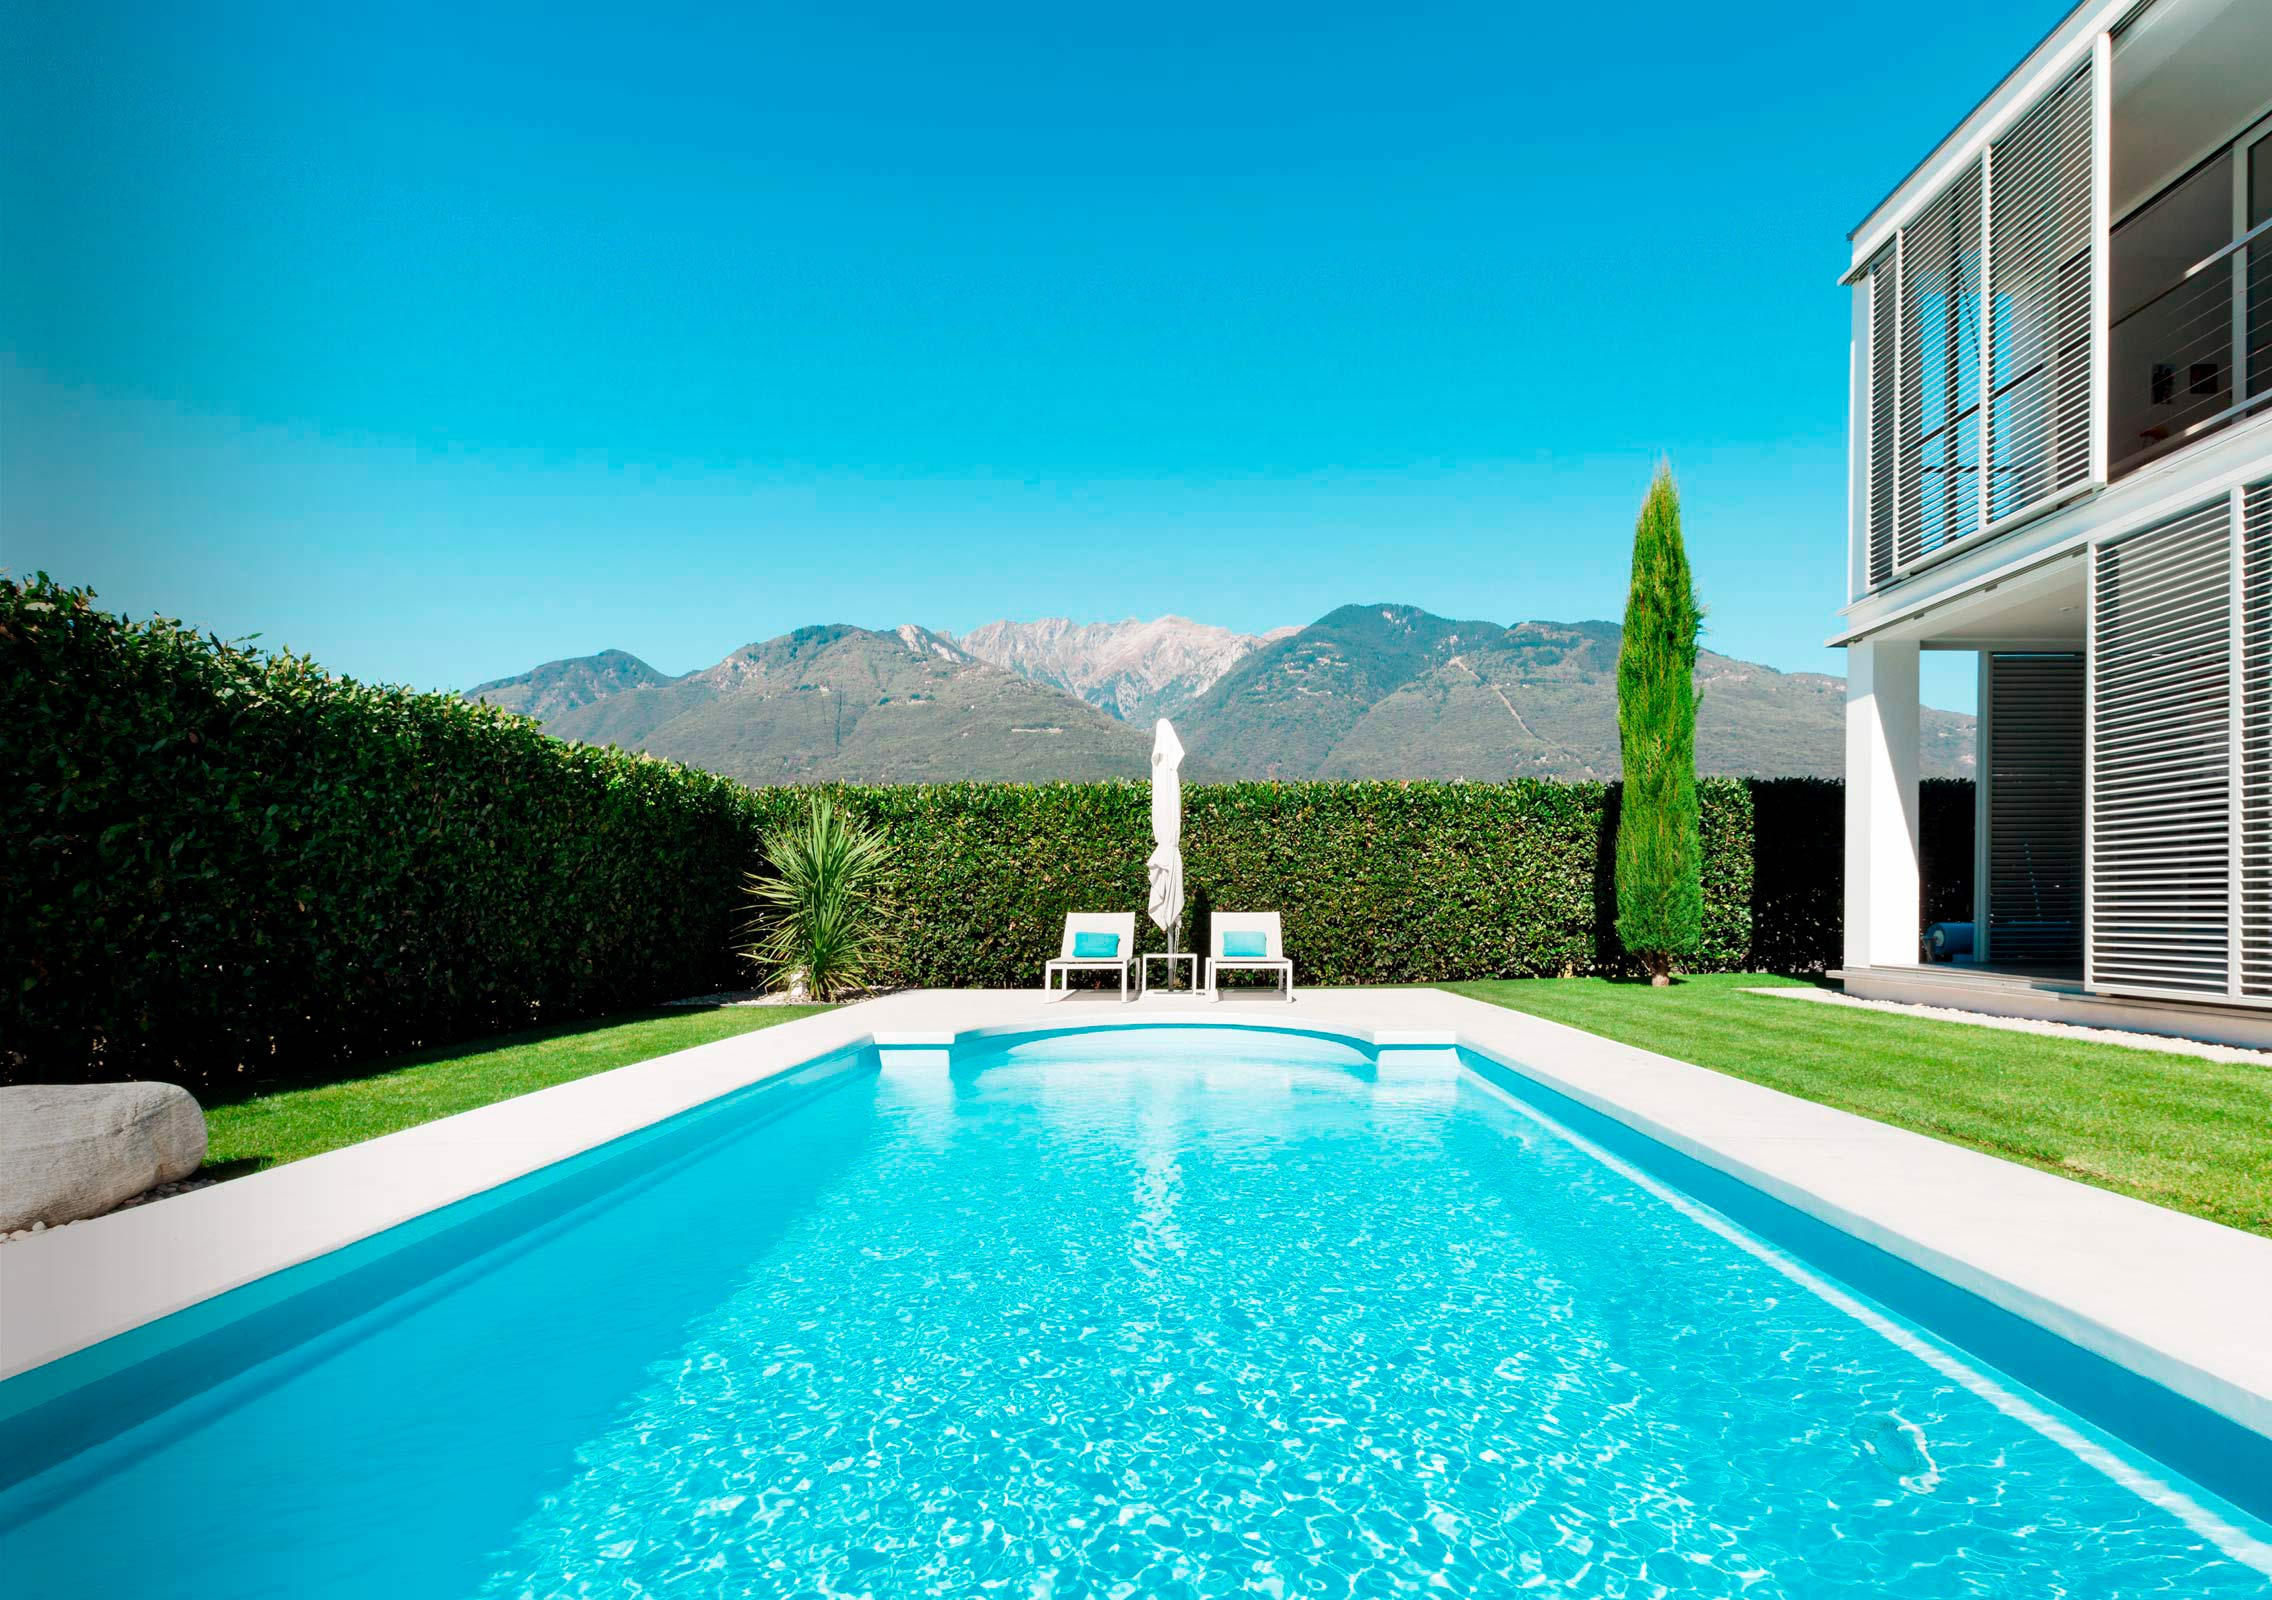 La empresa construcci n de piscinas en almer a y m laga for Empresas de piscinas